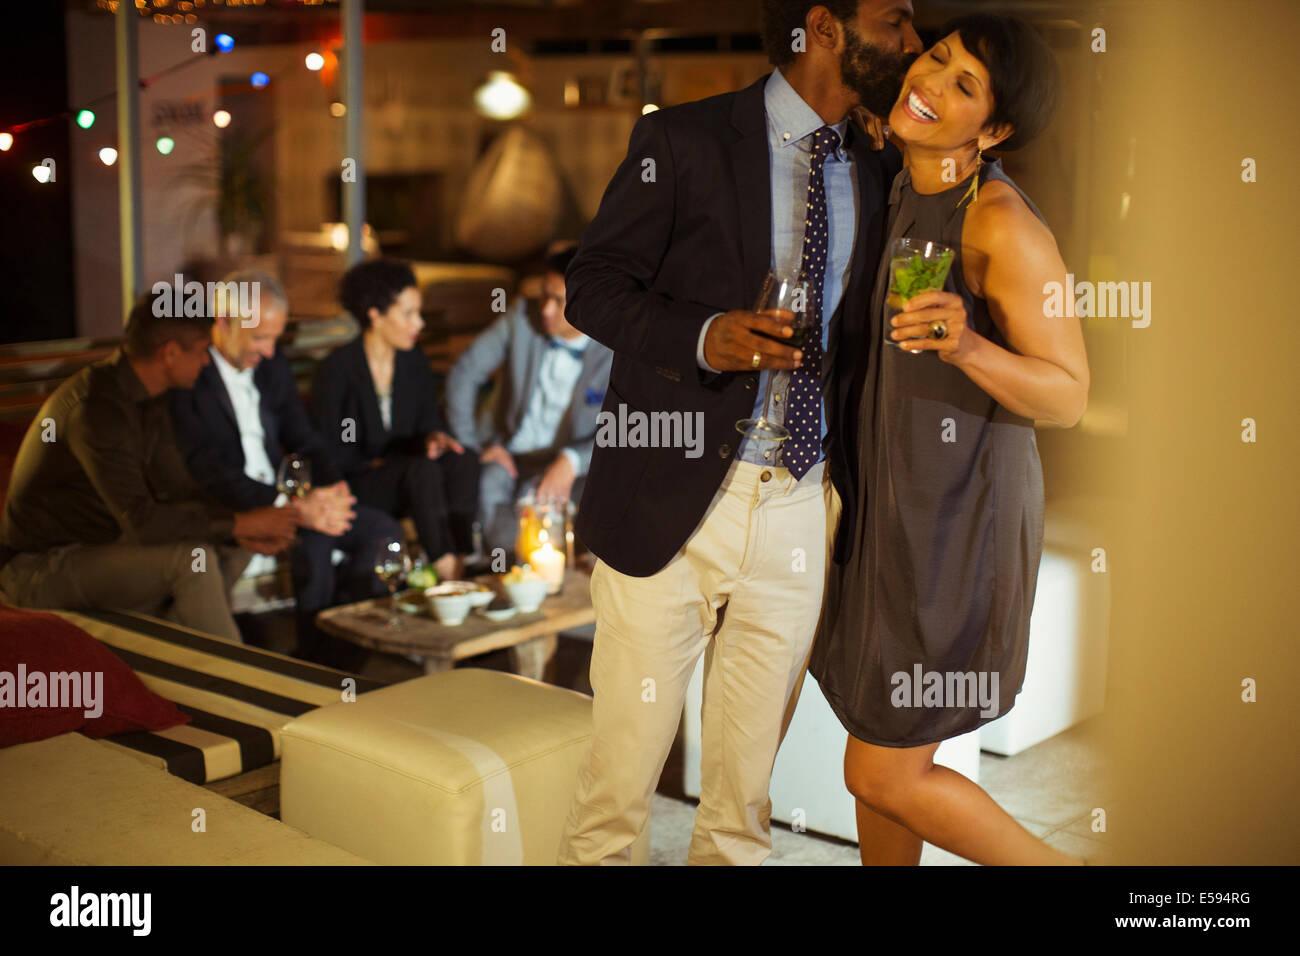 Paar Küssen auf party Stockbild